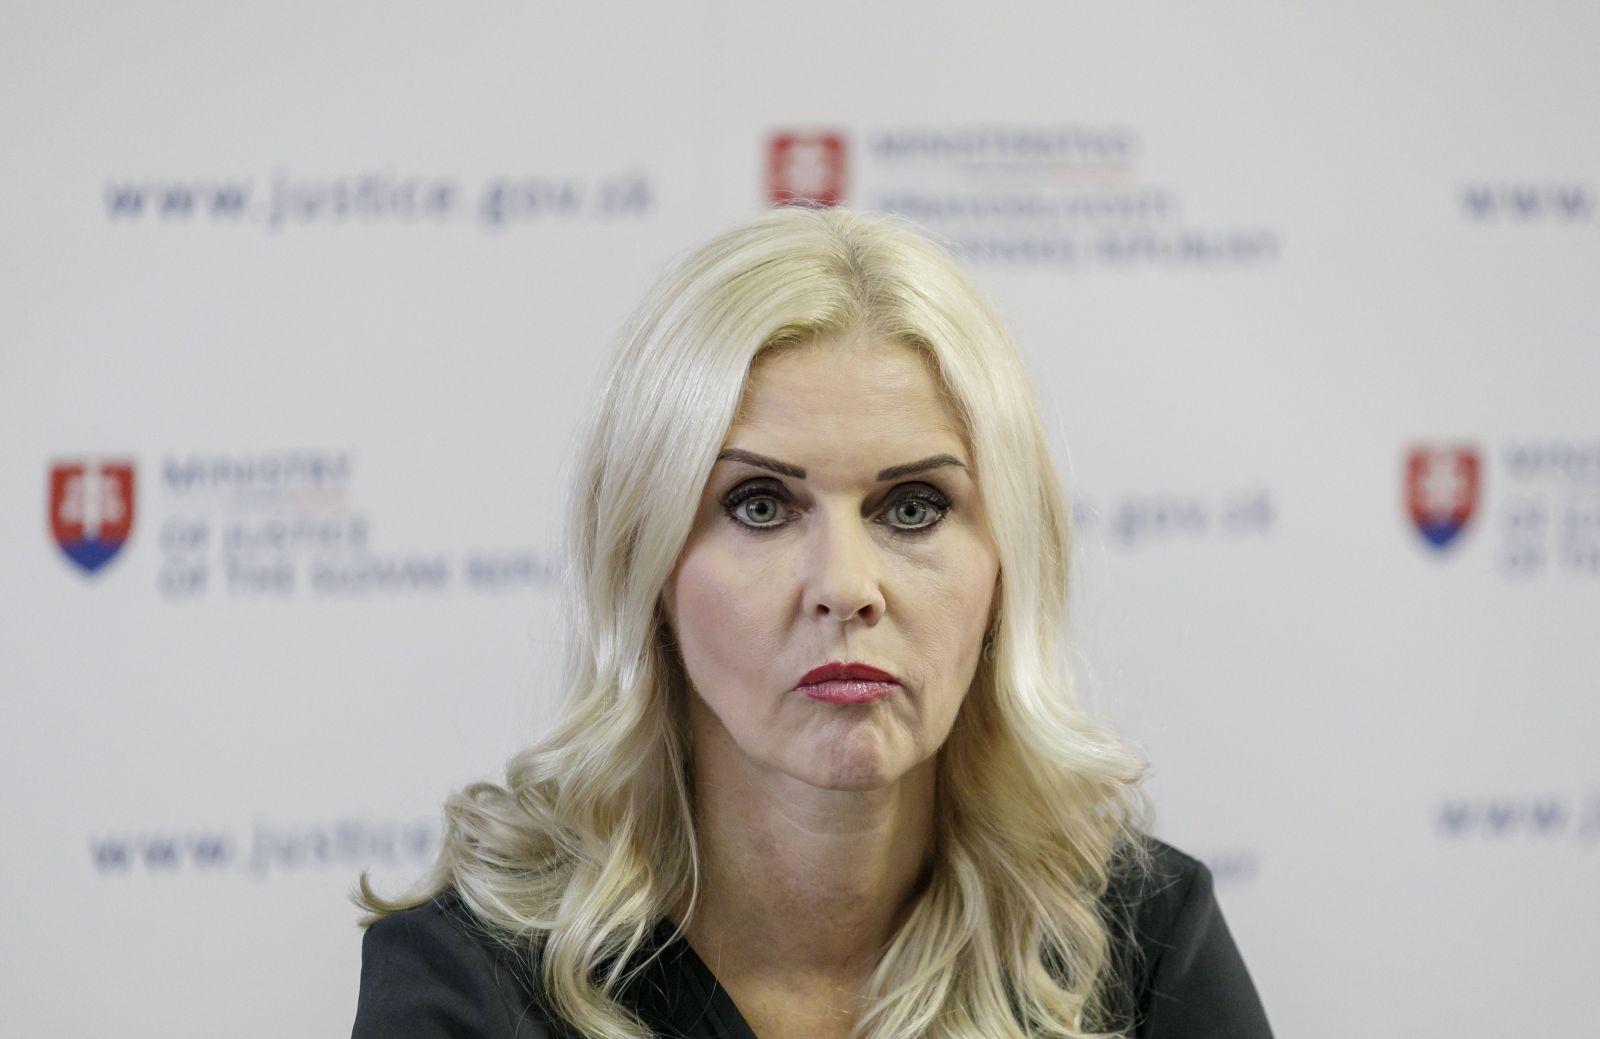 Monika Jankovská sa konečne vzdala funkcie sudkyne, urobila tak z väzby